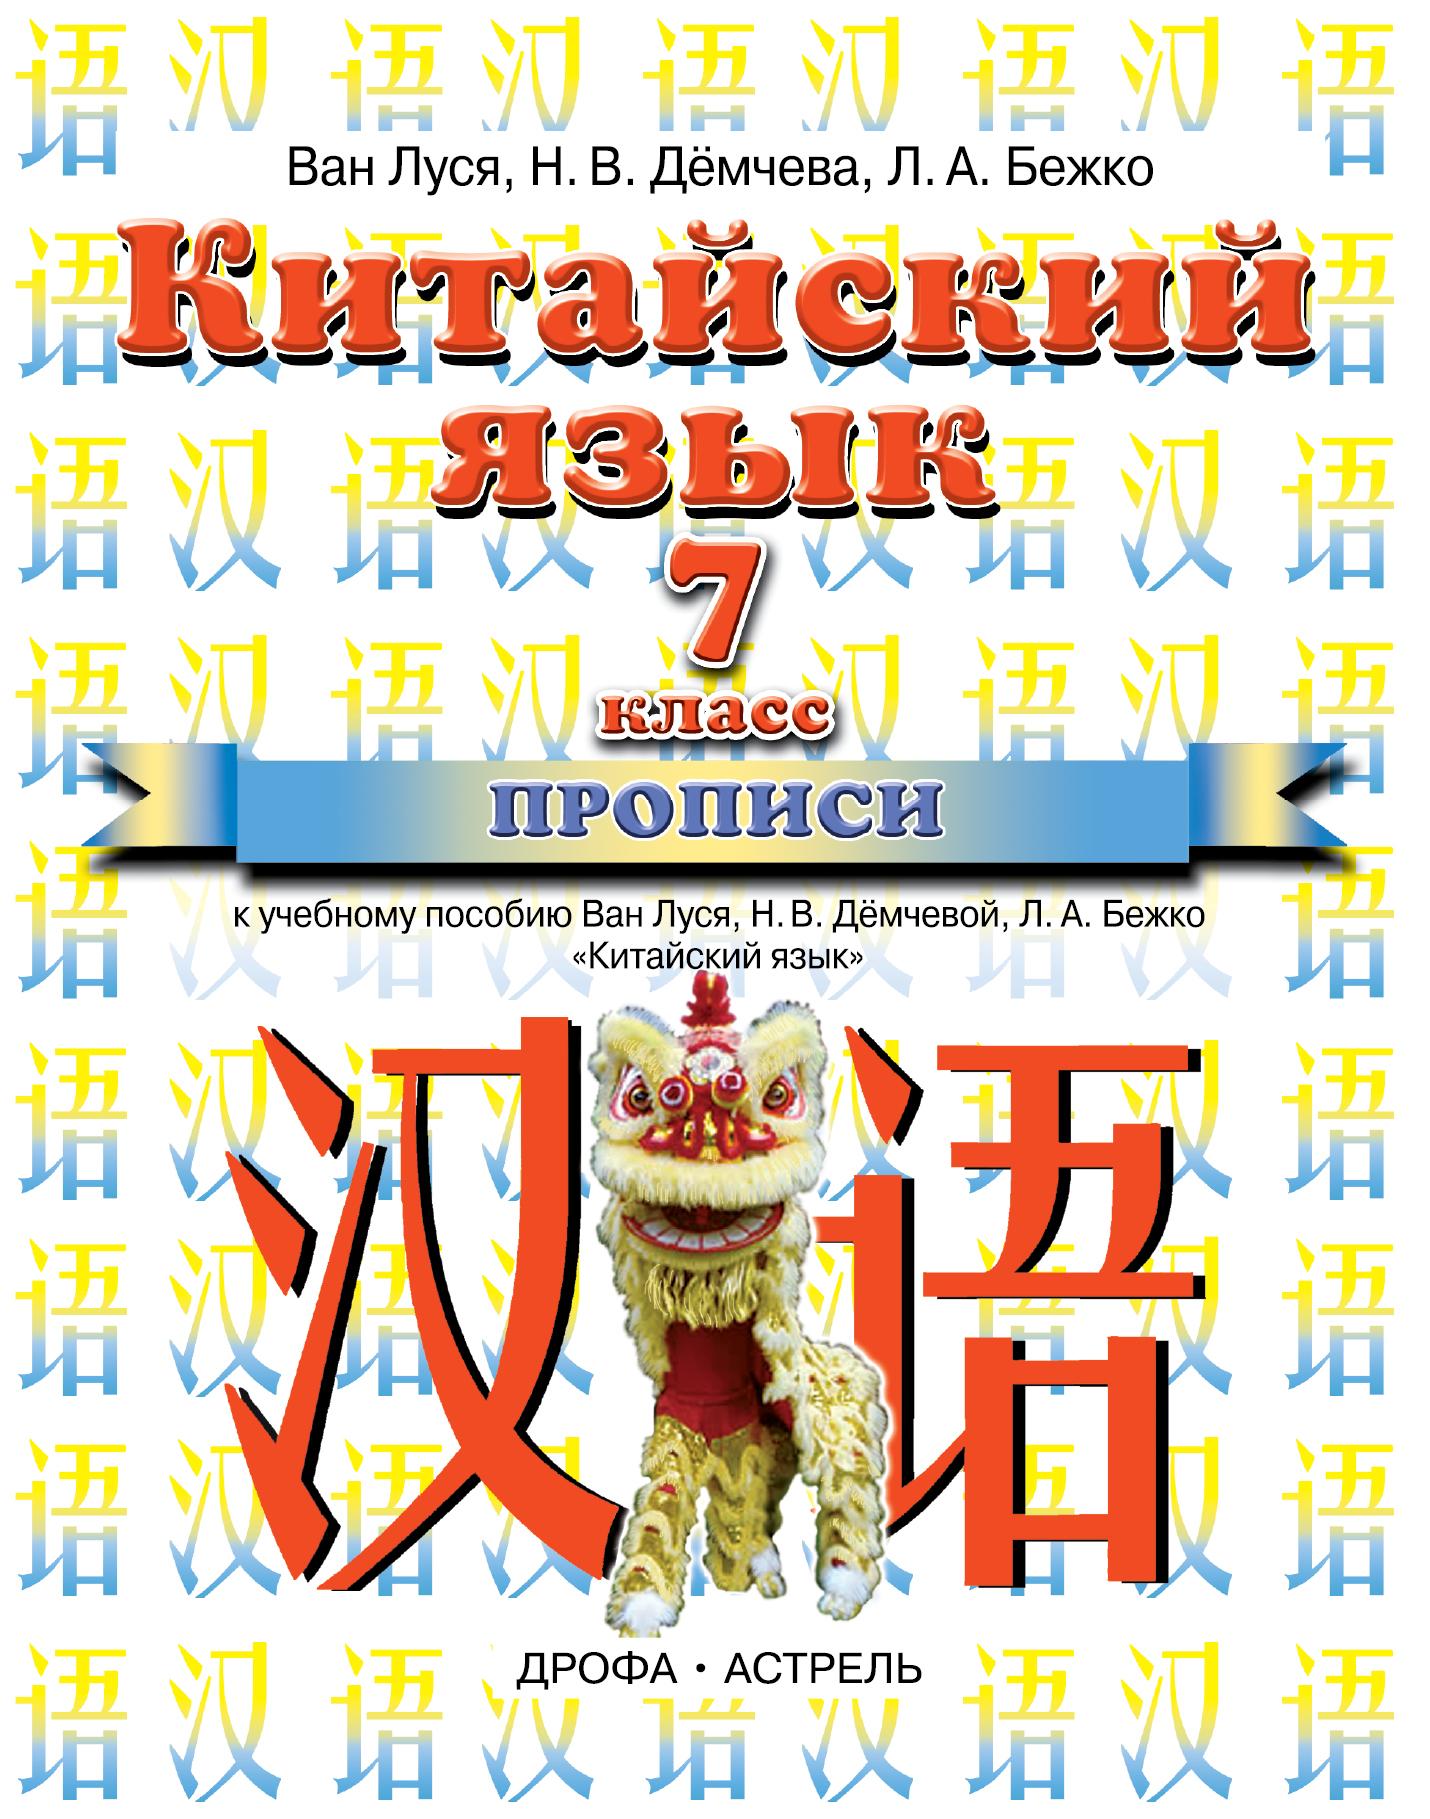 ид питер китайский язык обучающие прописи Ван Л., Демчева Н.В., Бежко Л.А. Китайский язык. 7 класс. Прописи